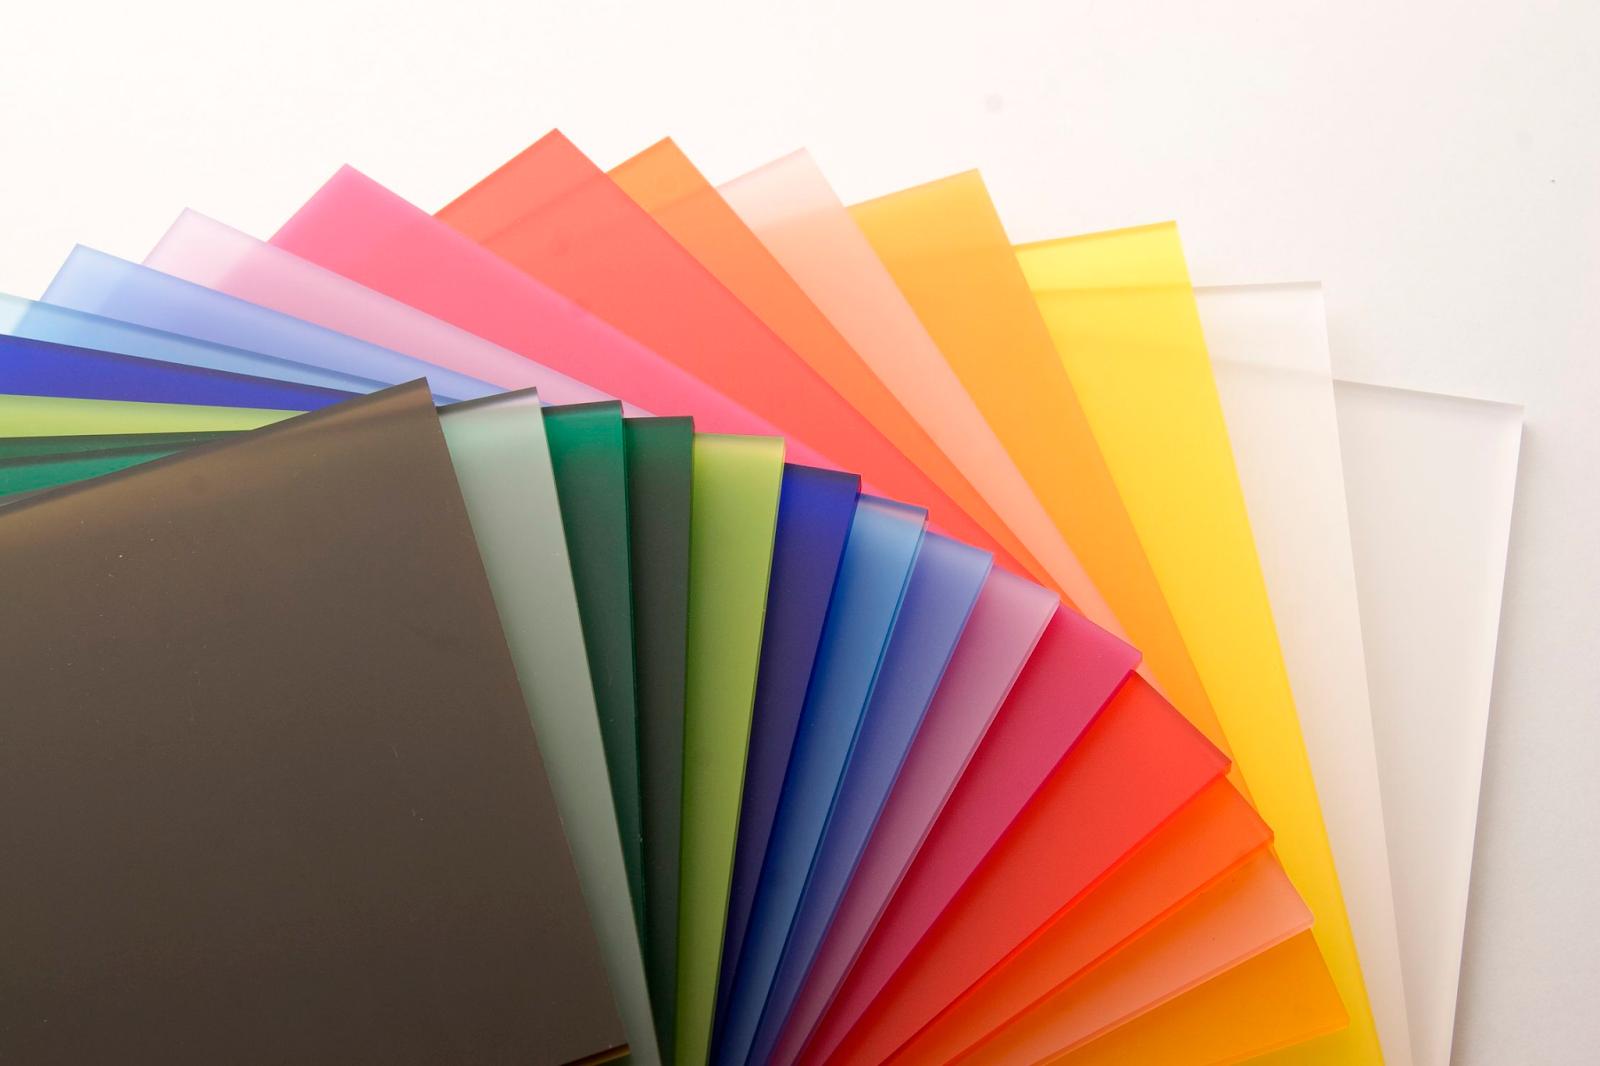 Pleksiglas Dekorasyon Objelerinde Ve Hobi İşlerinde İdeal Ürünlerdir – morpleksi.com